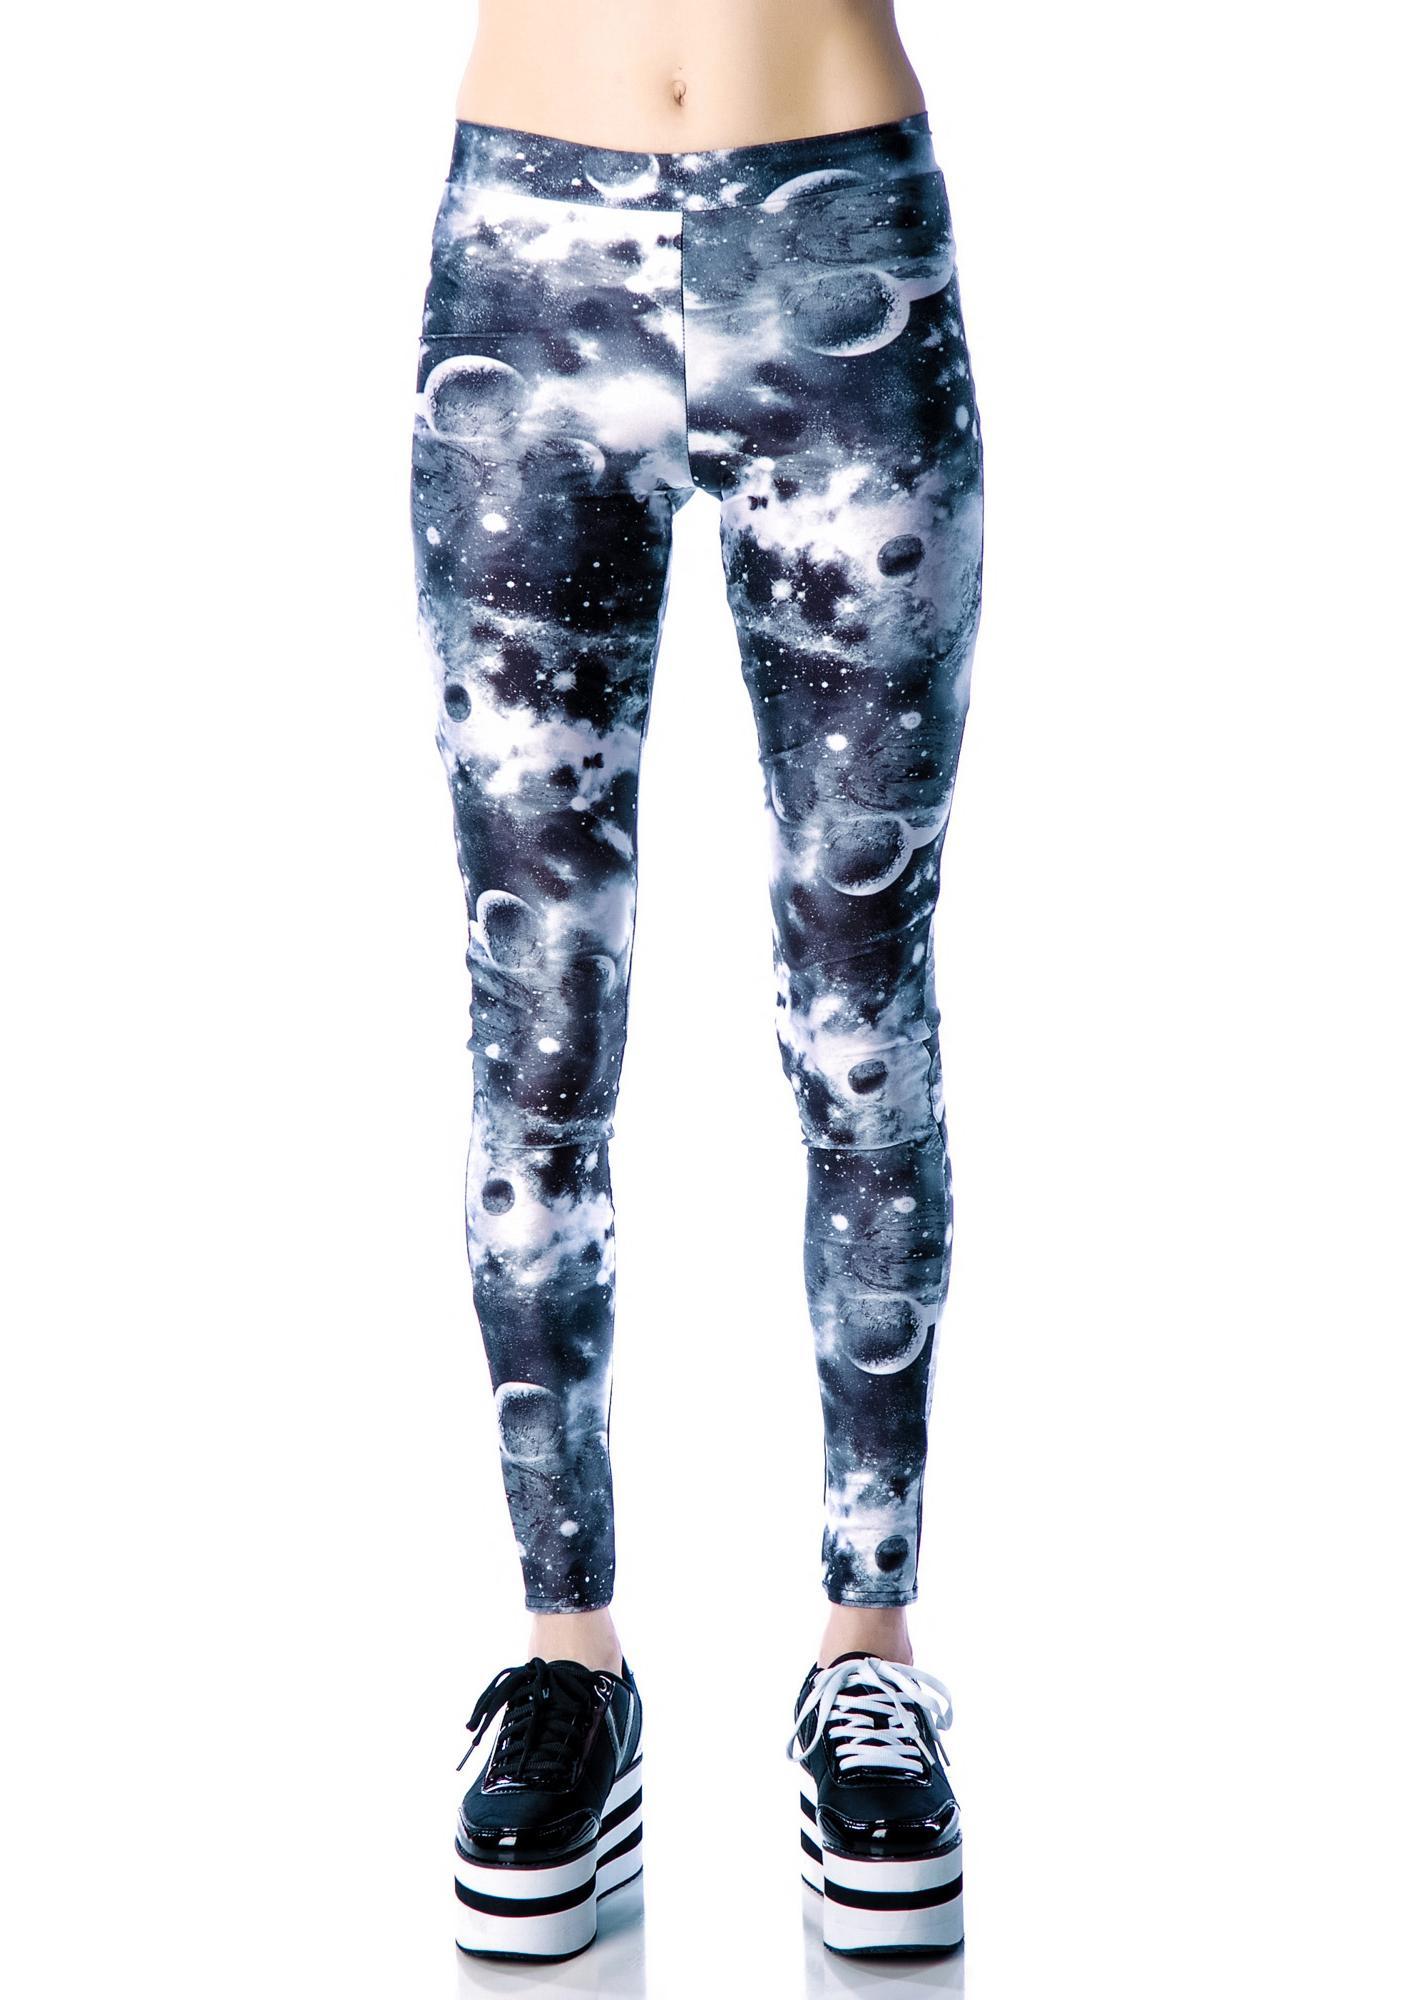 Our Prince of Peace Supernova Leggings